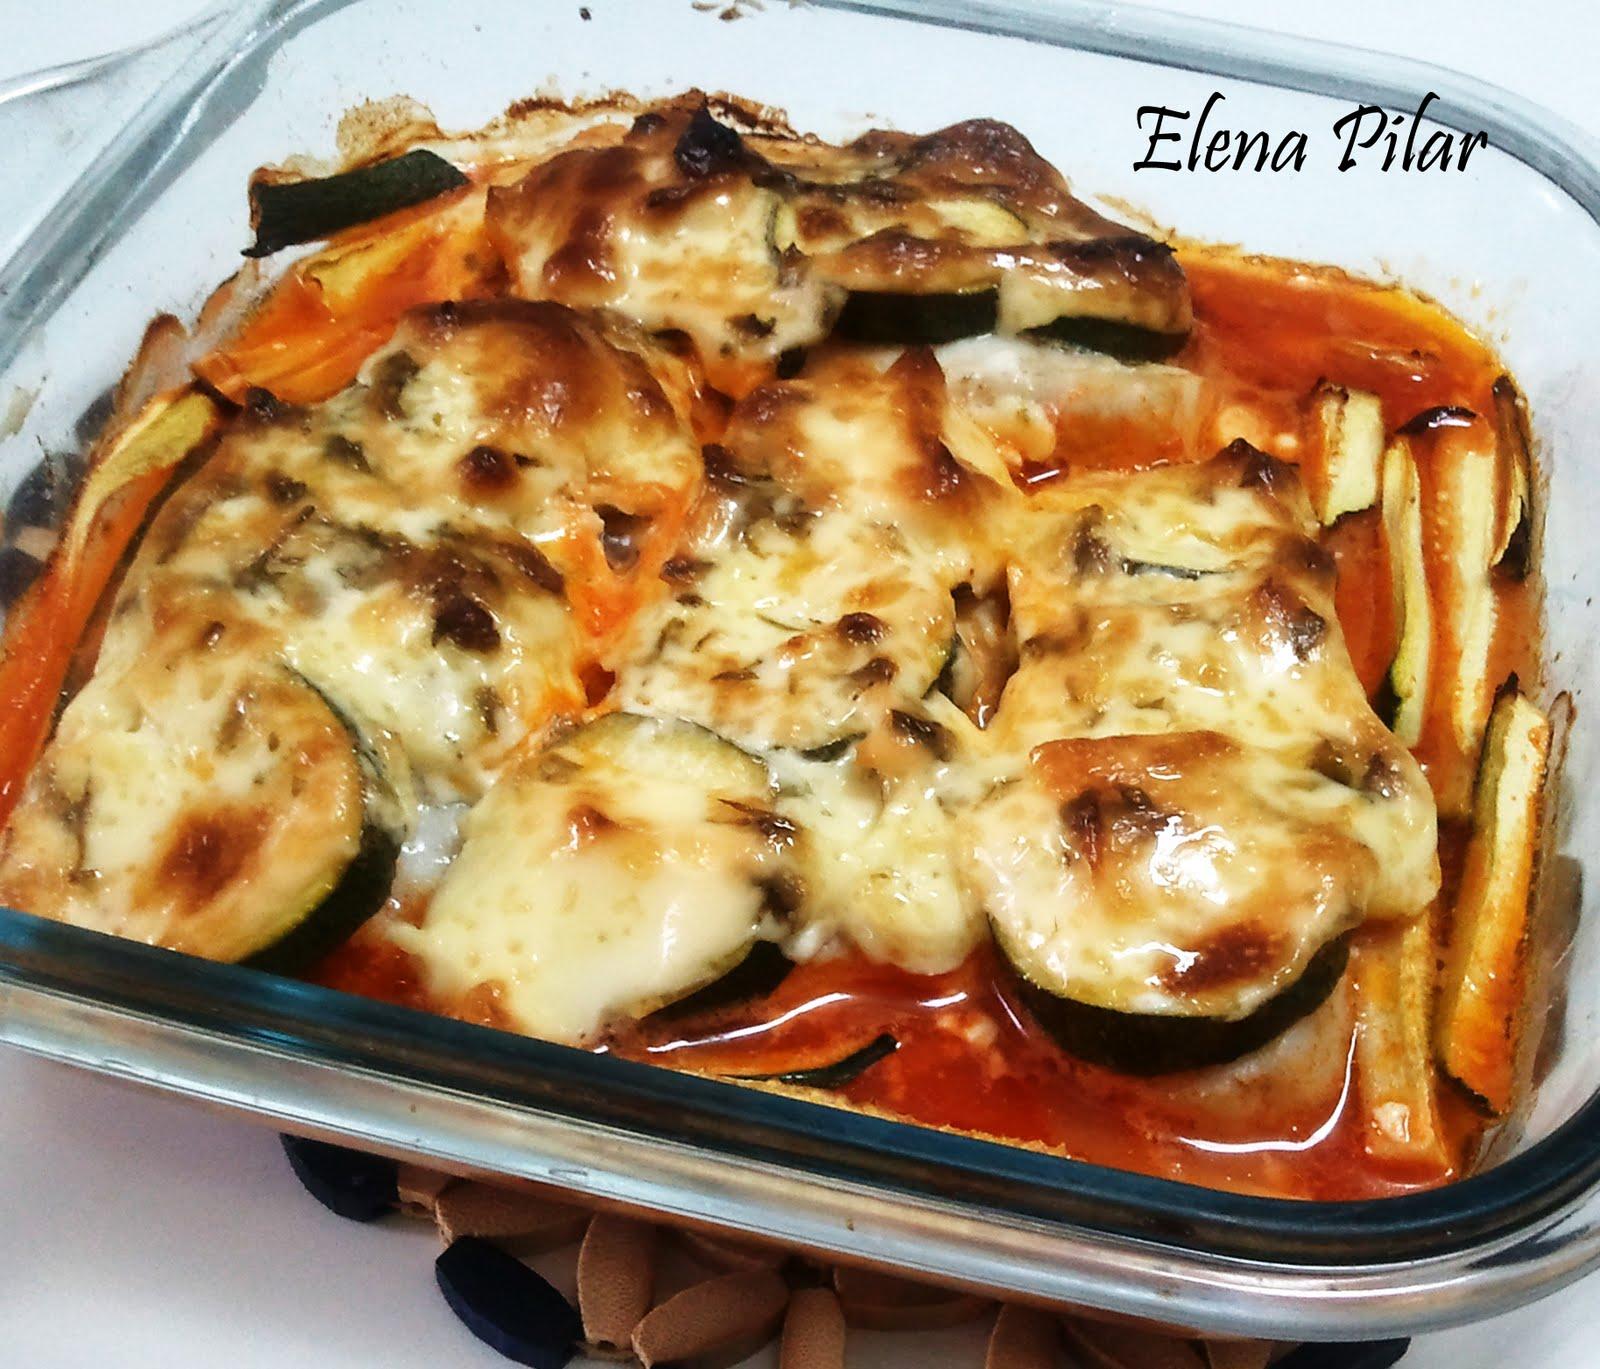 Mi recetario por elena pilar lomos de merluza gratinados - Cocinar lomos de merluza ...